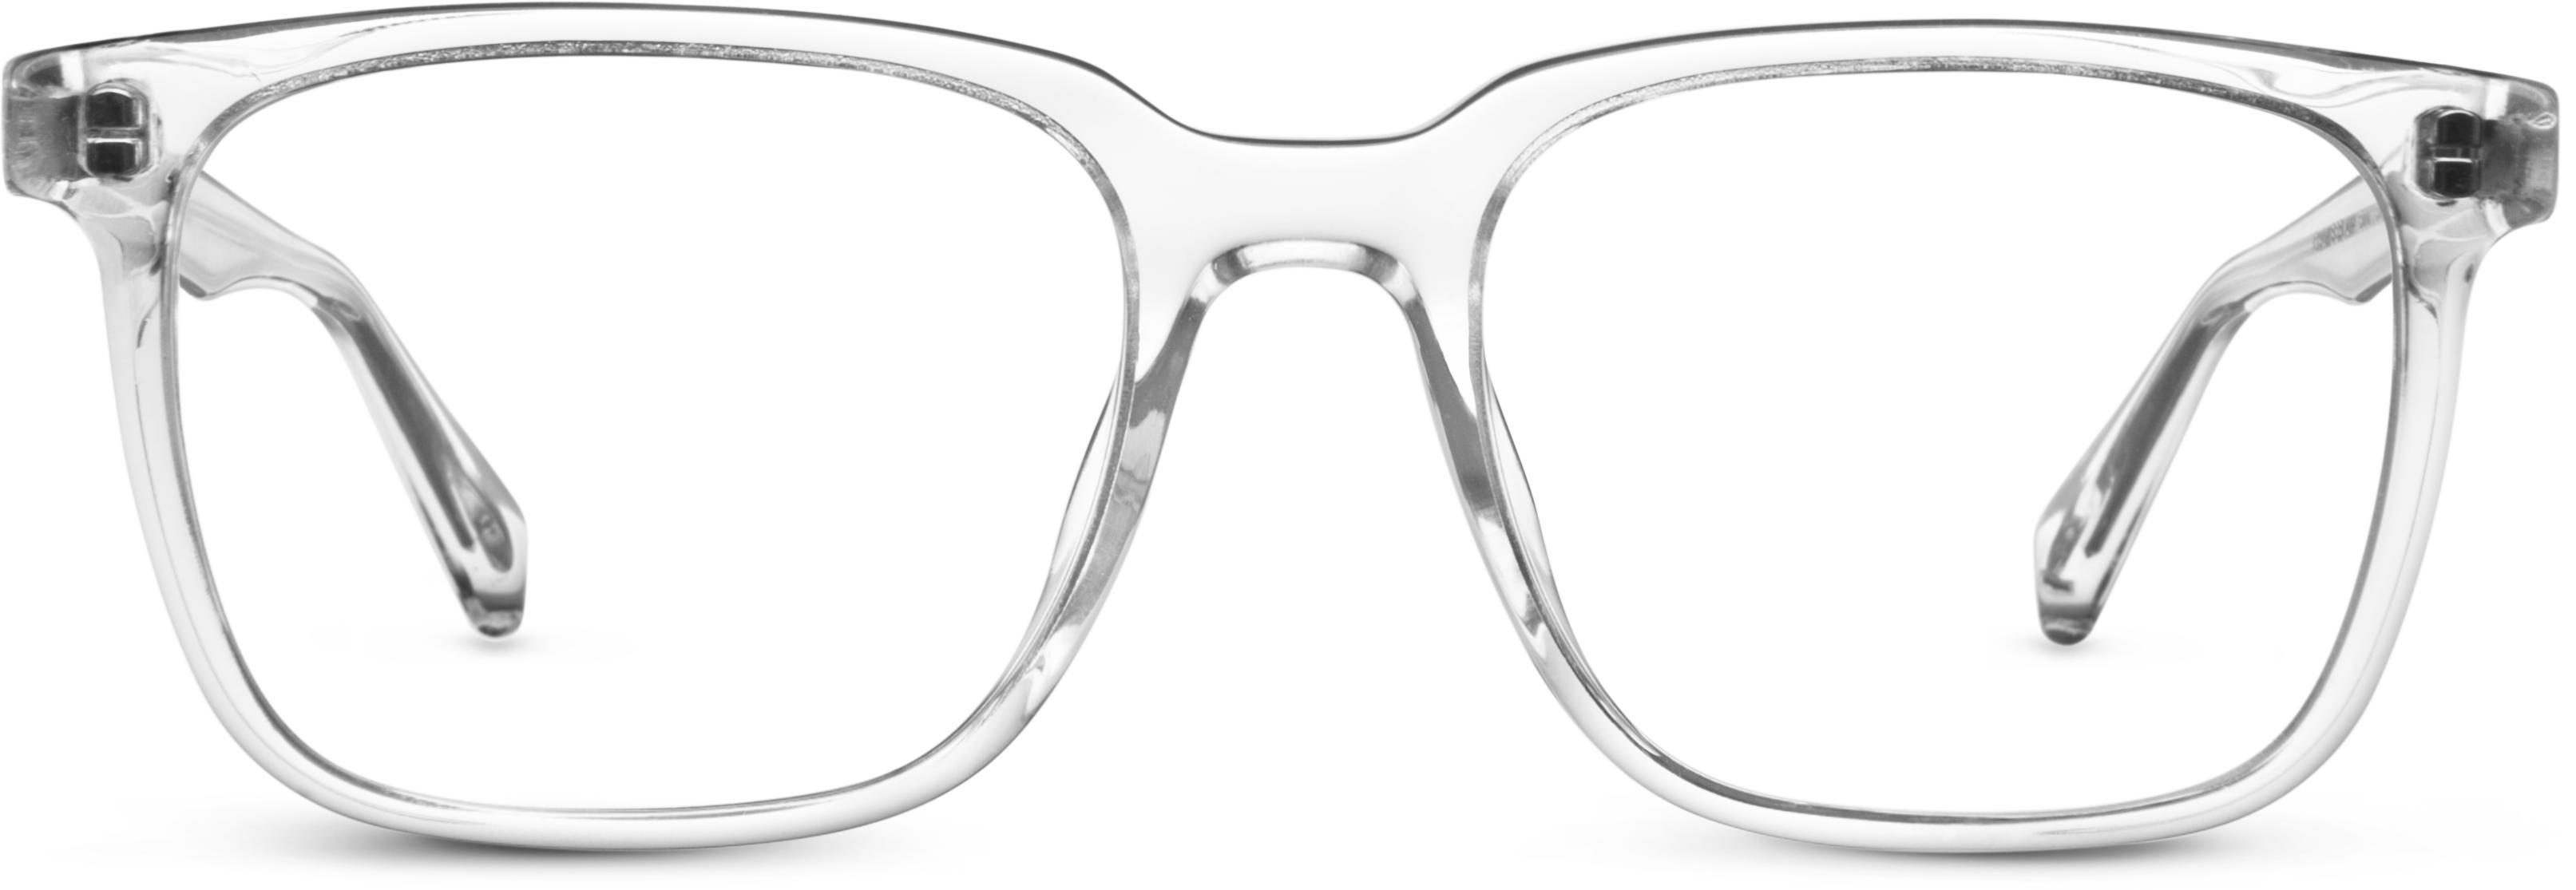 Men\'s Eyeglasses | Warby Parker